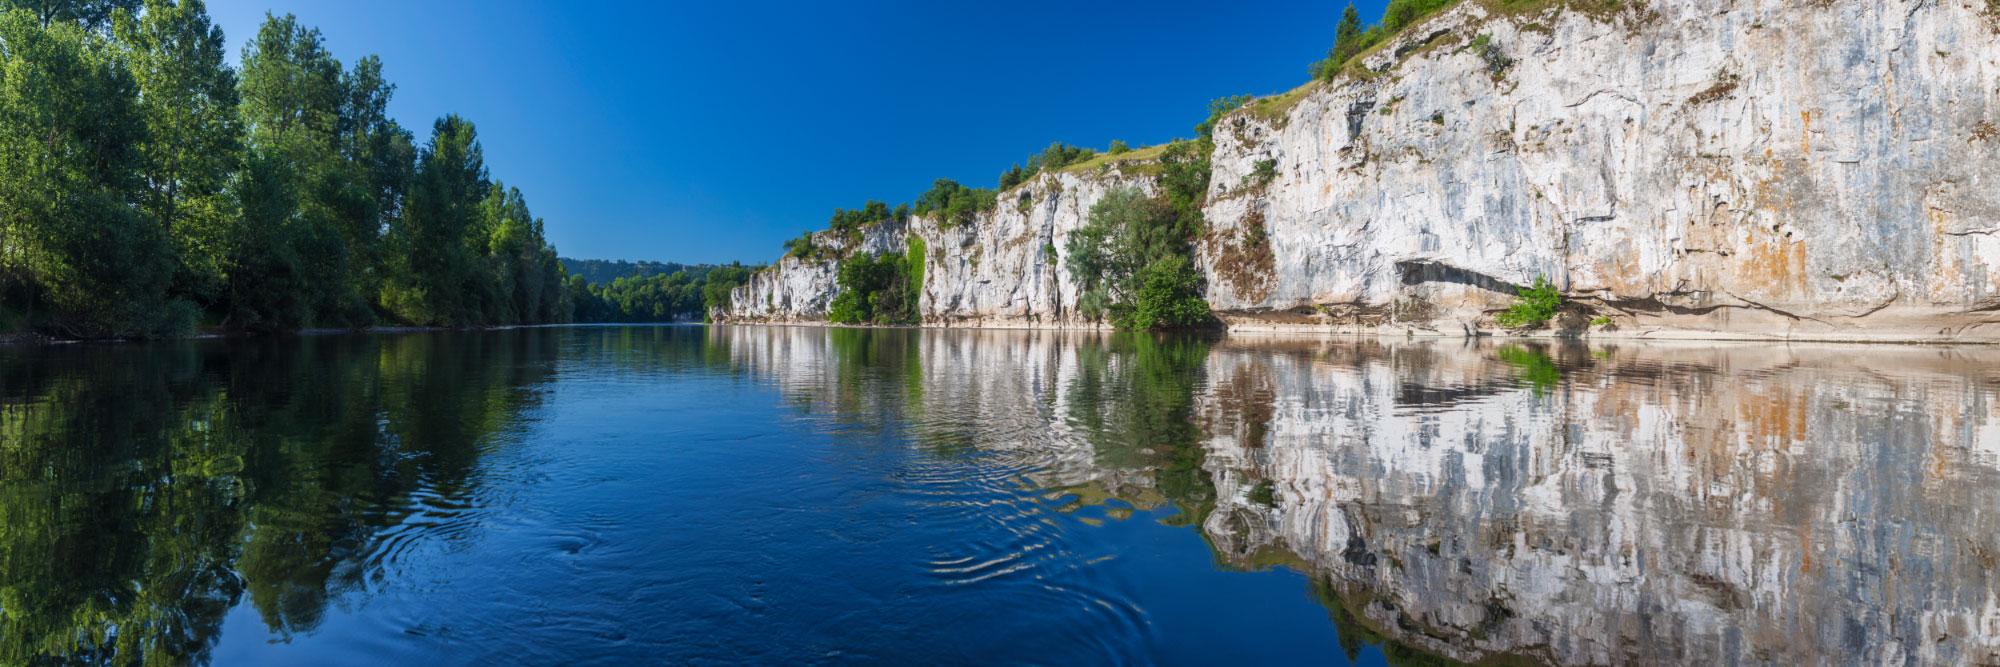 La Dordogne au pied des falaises calcaires de Copeyre, Gluges